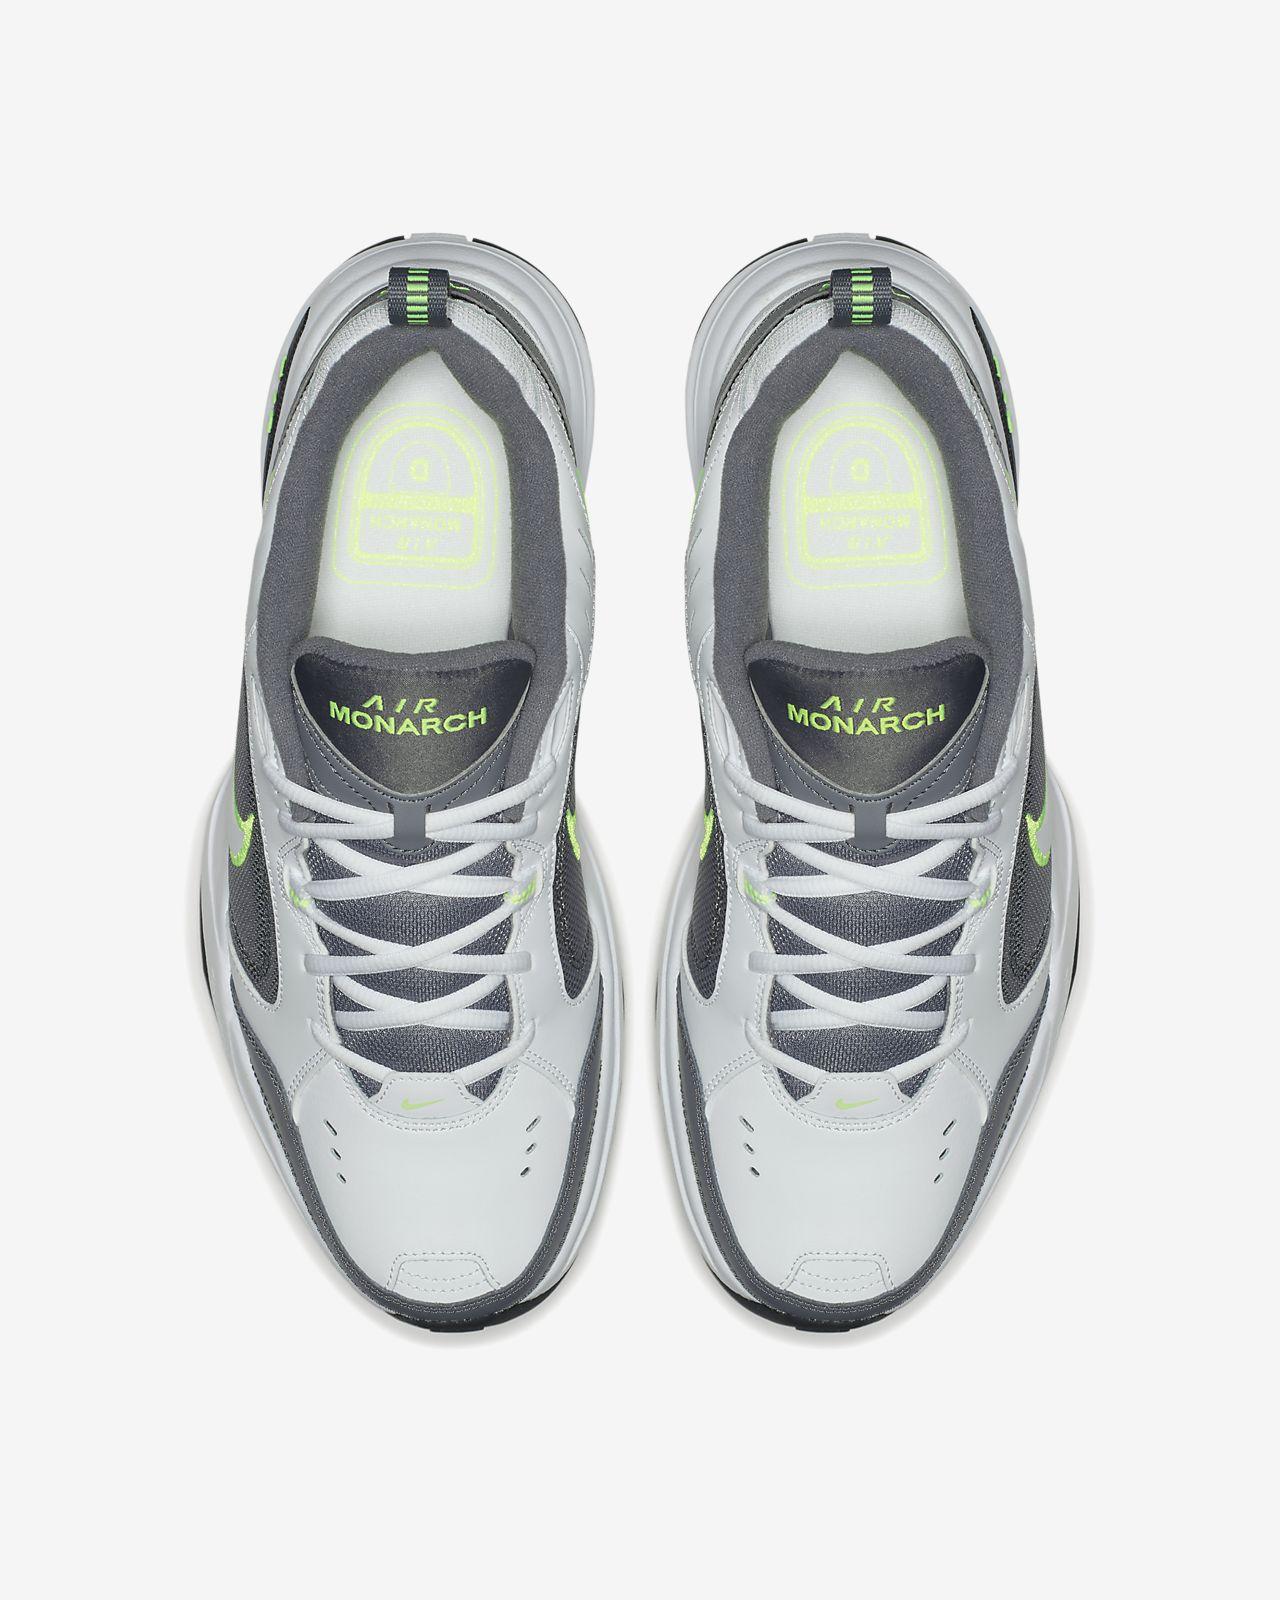 newest 0d0b0 94742 ... Nike Air Monarch IV Zapatillas de lifestyle y para el gimnasio